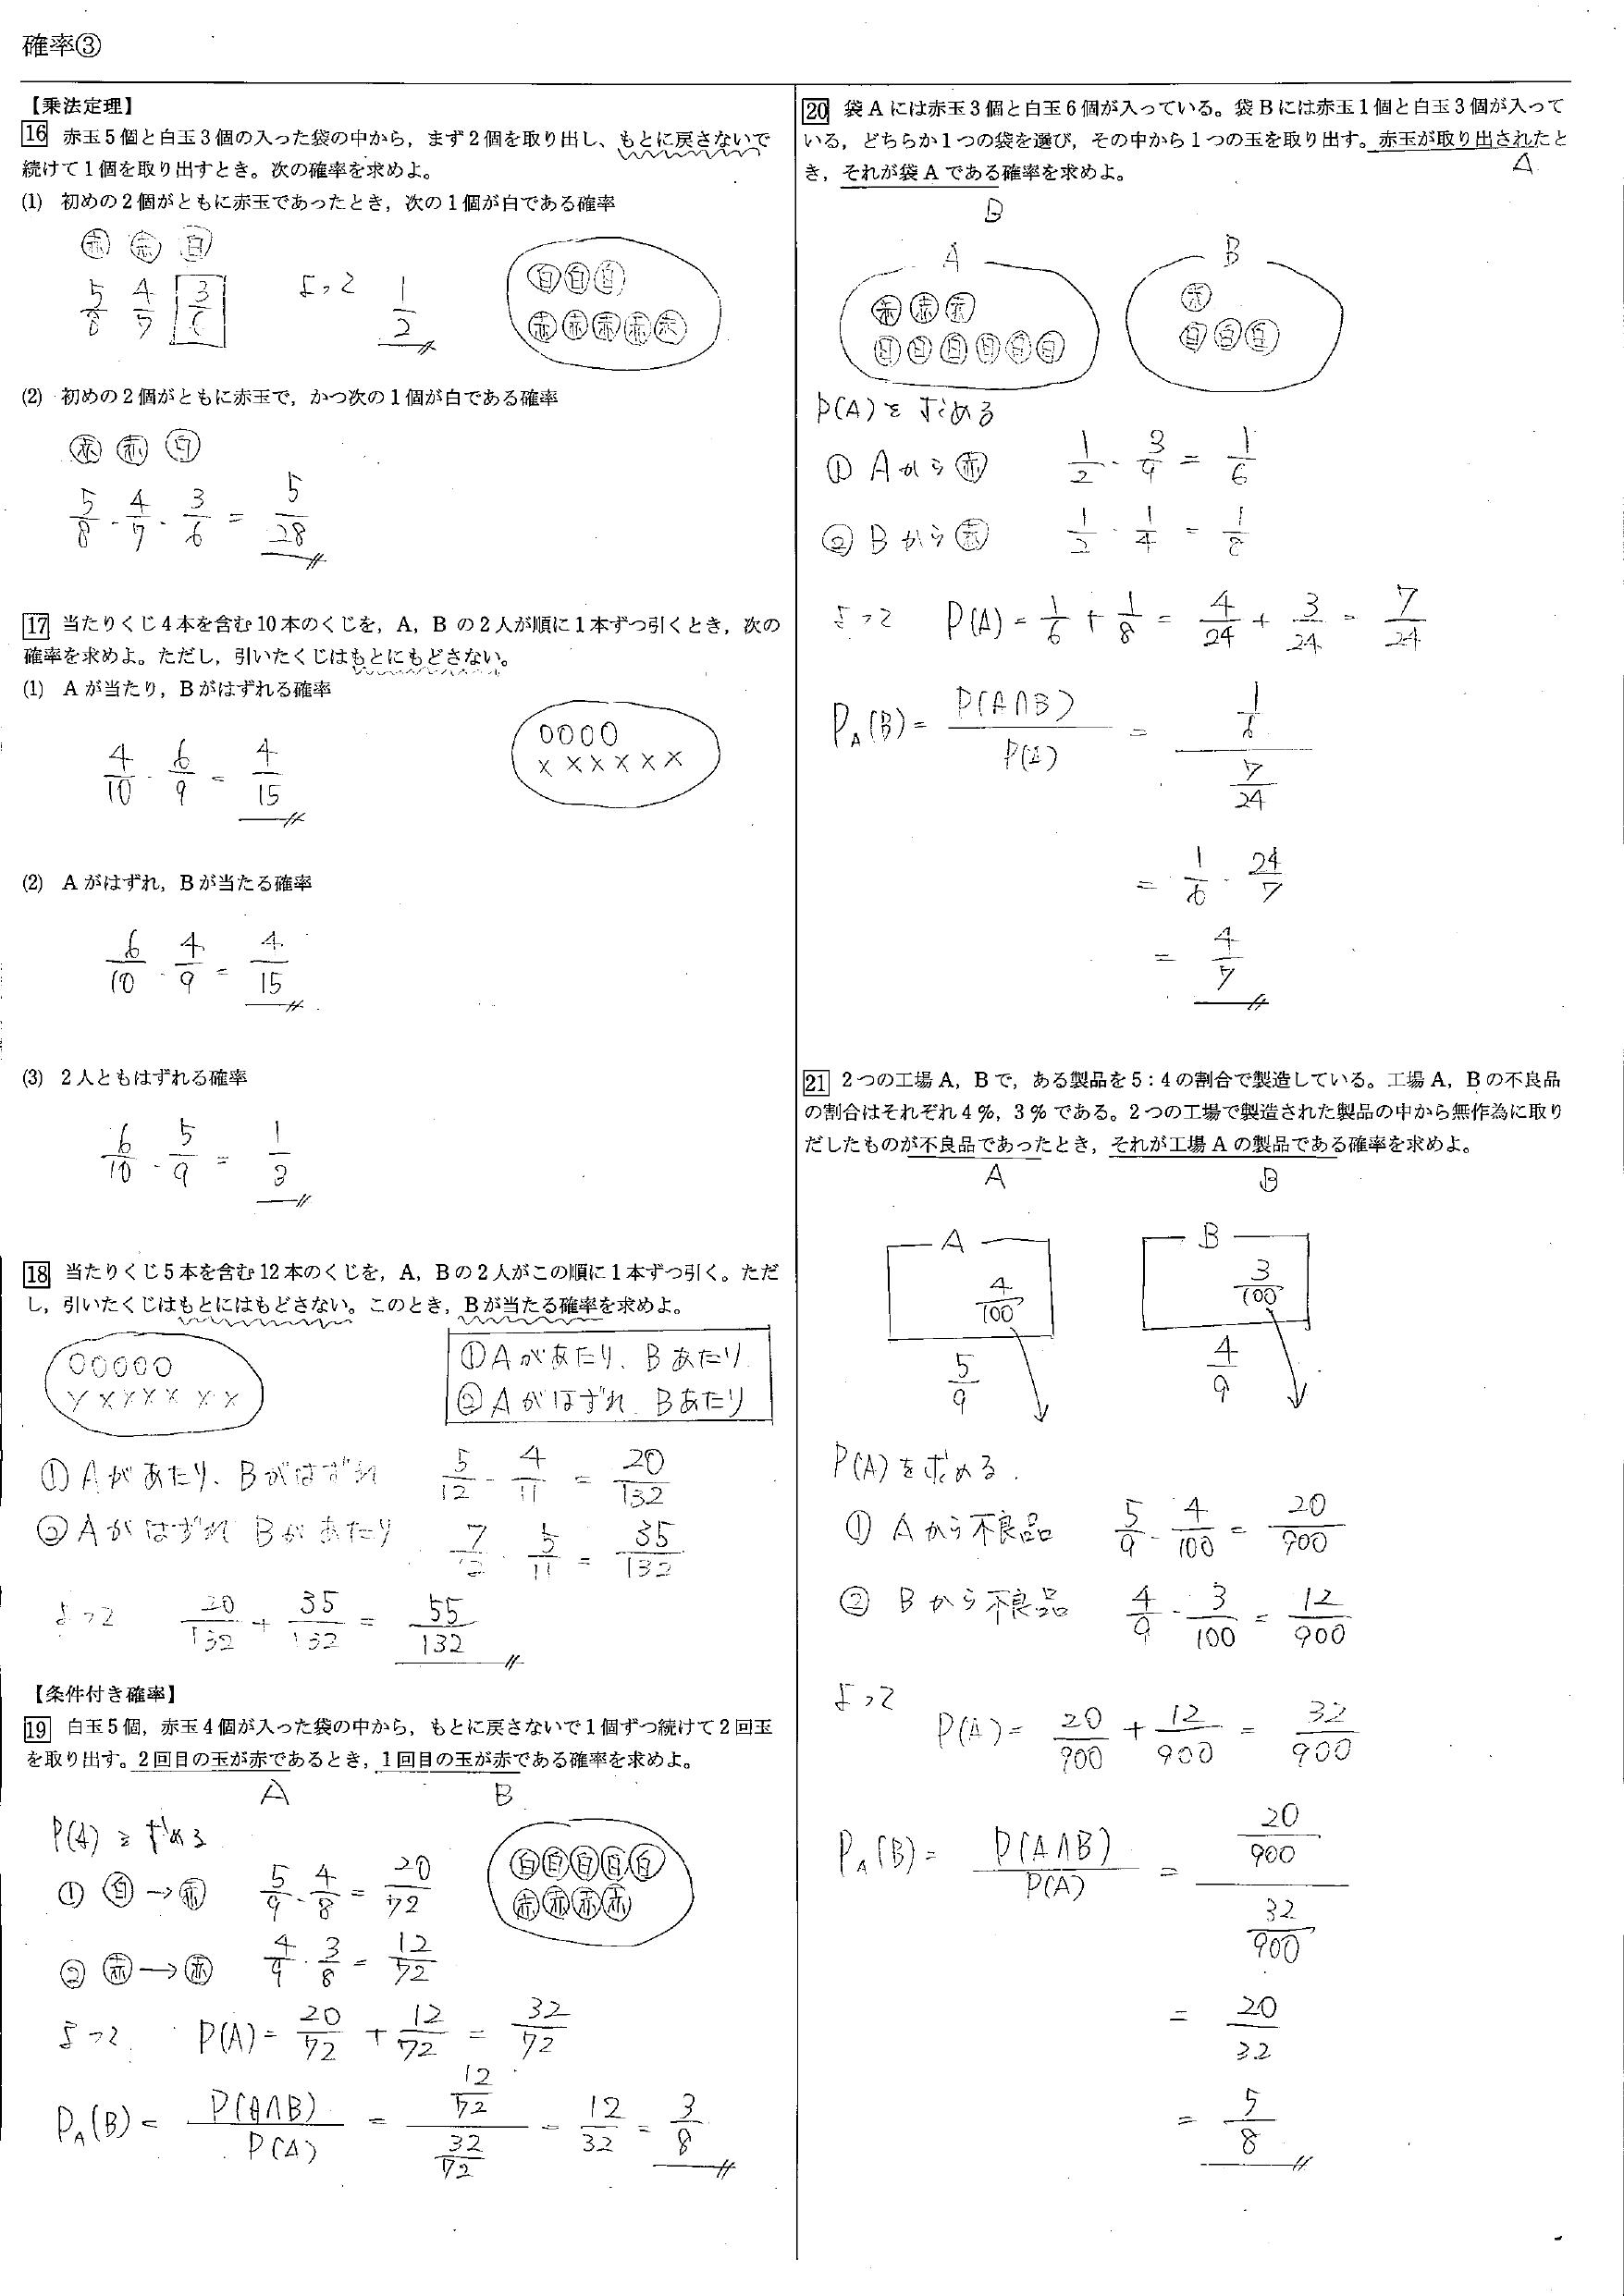 確率 教科書 問題 解答 まとめ 一覧